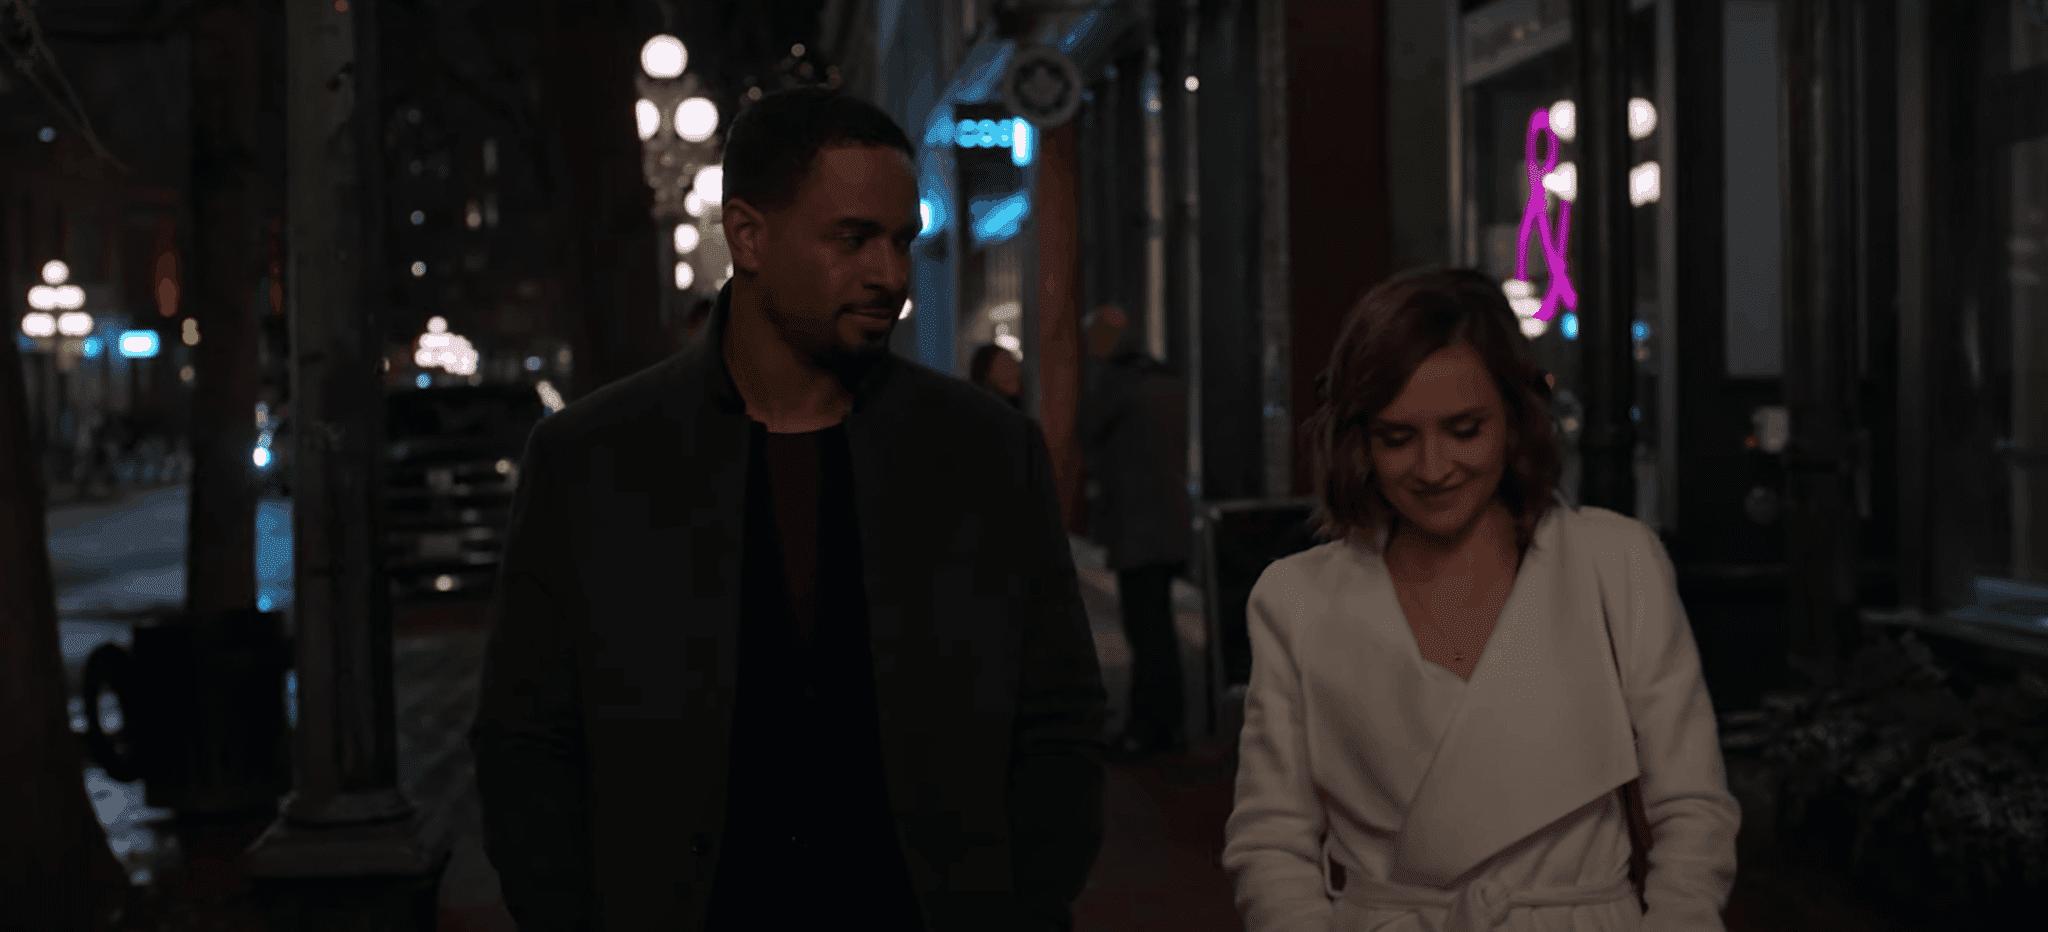 Netflix-film über online-dating